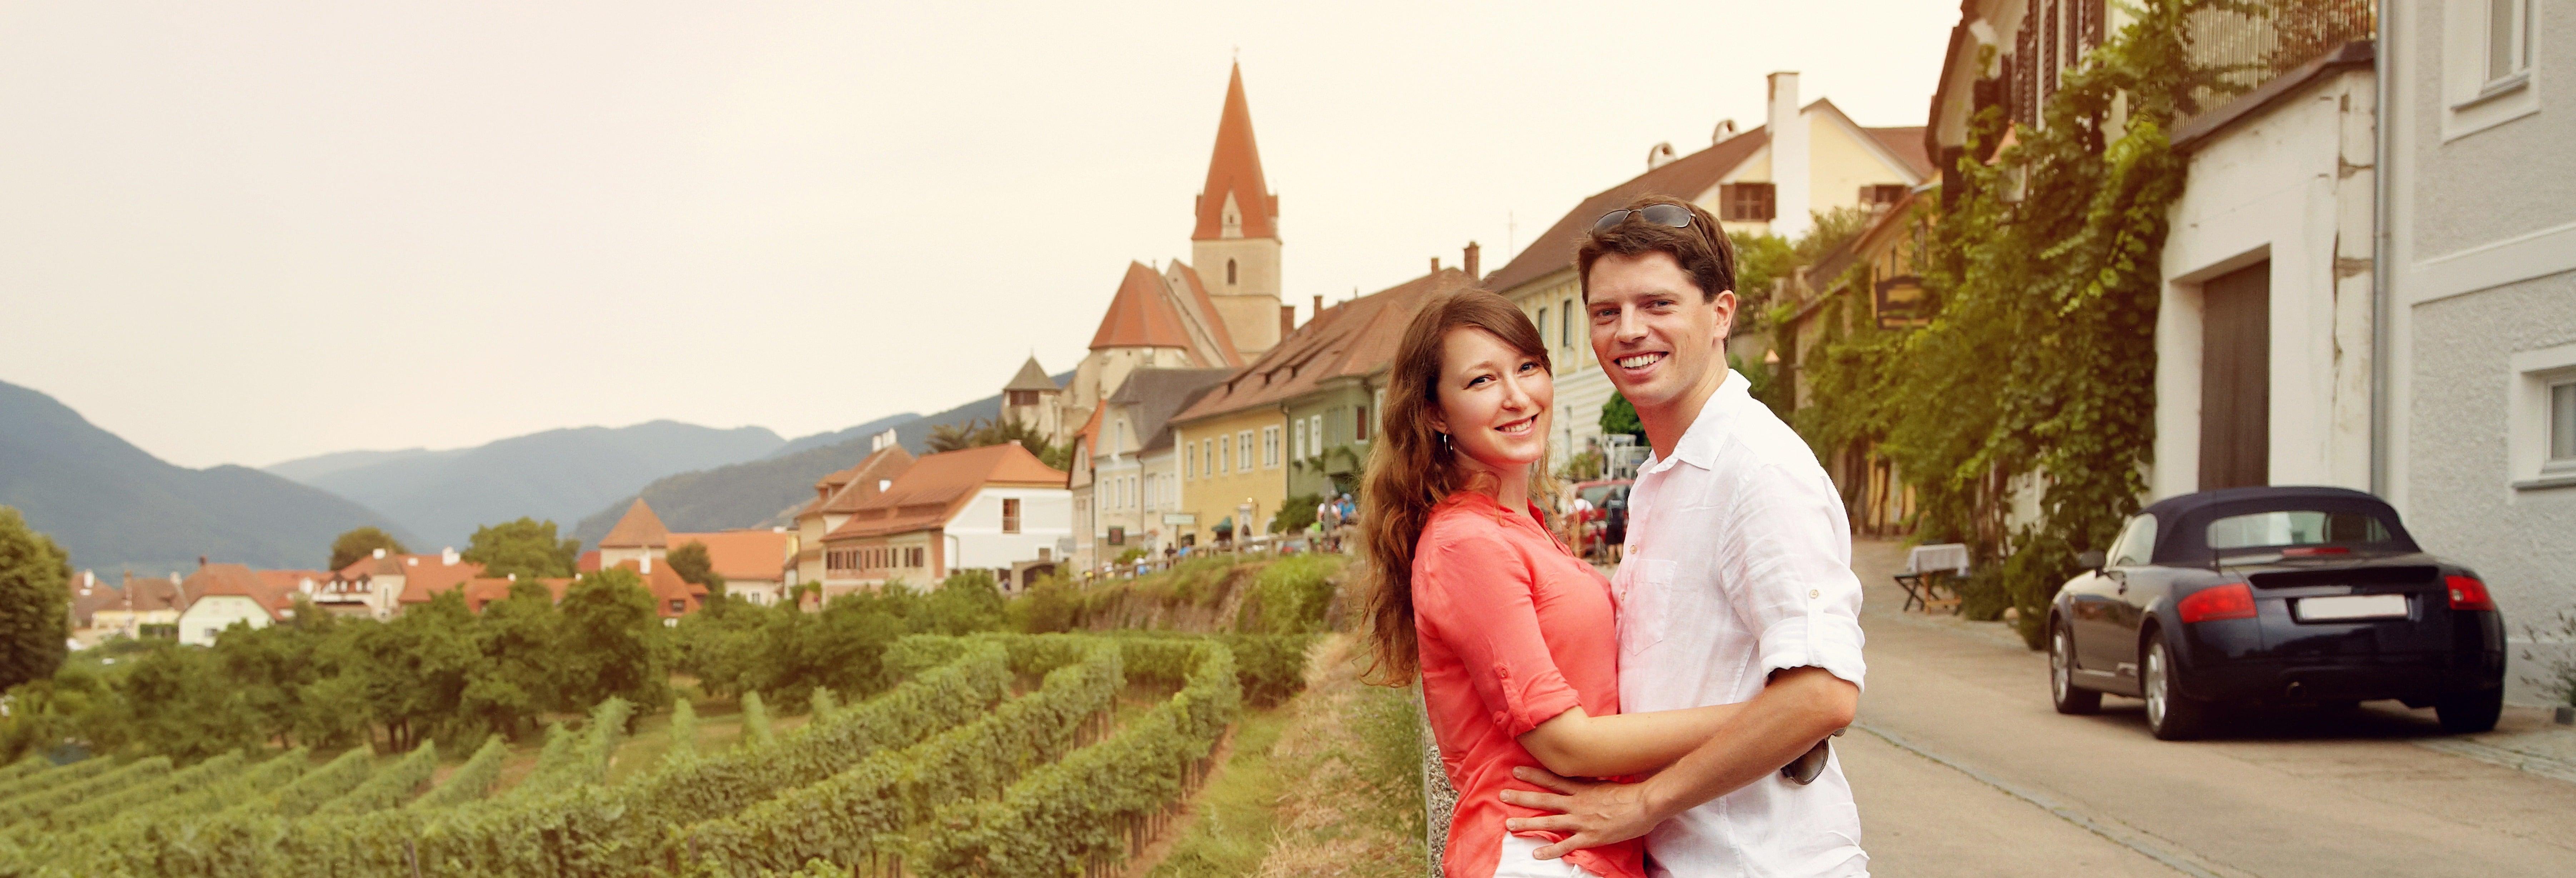 Excursion dans la vallée du Danube et de Wachau